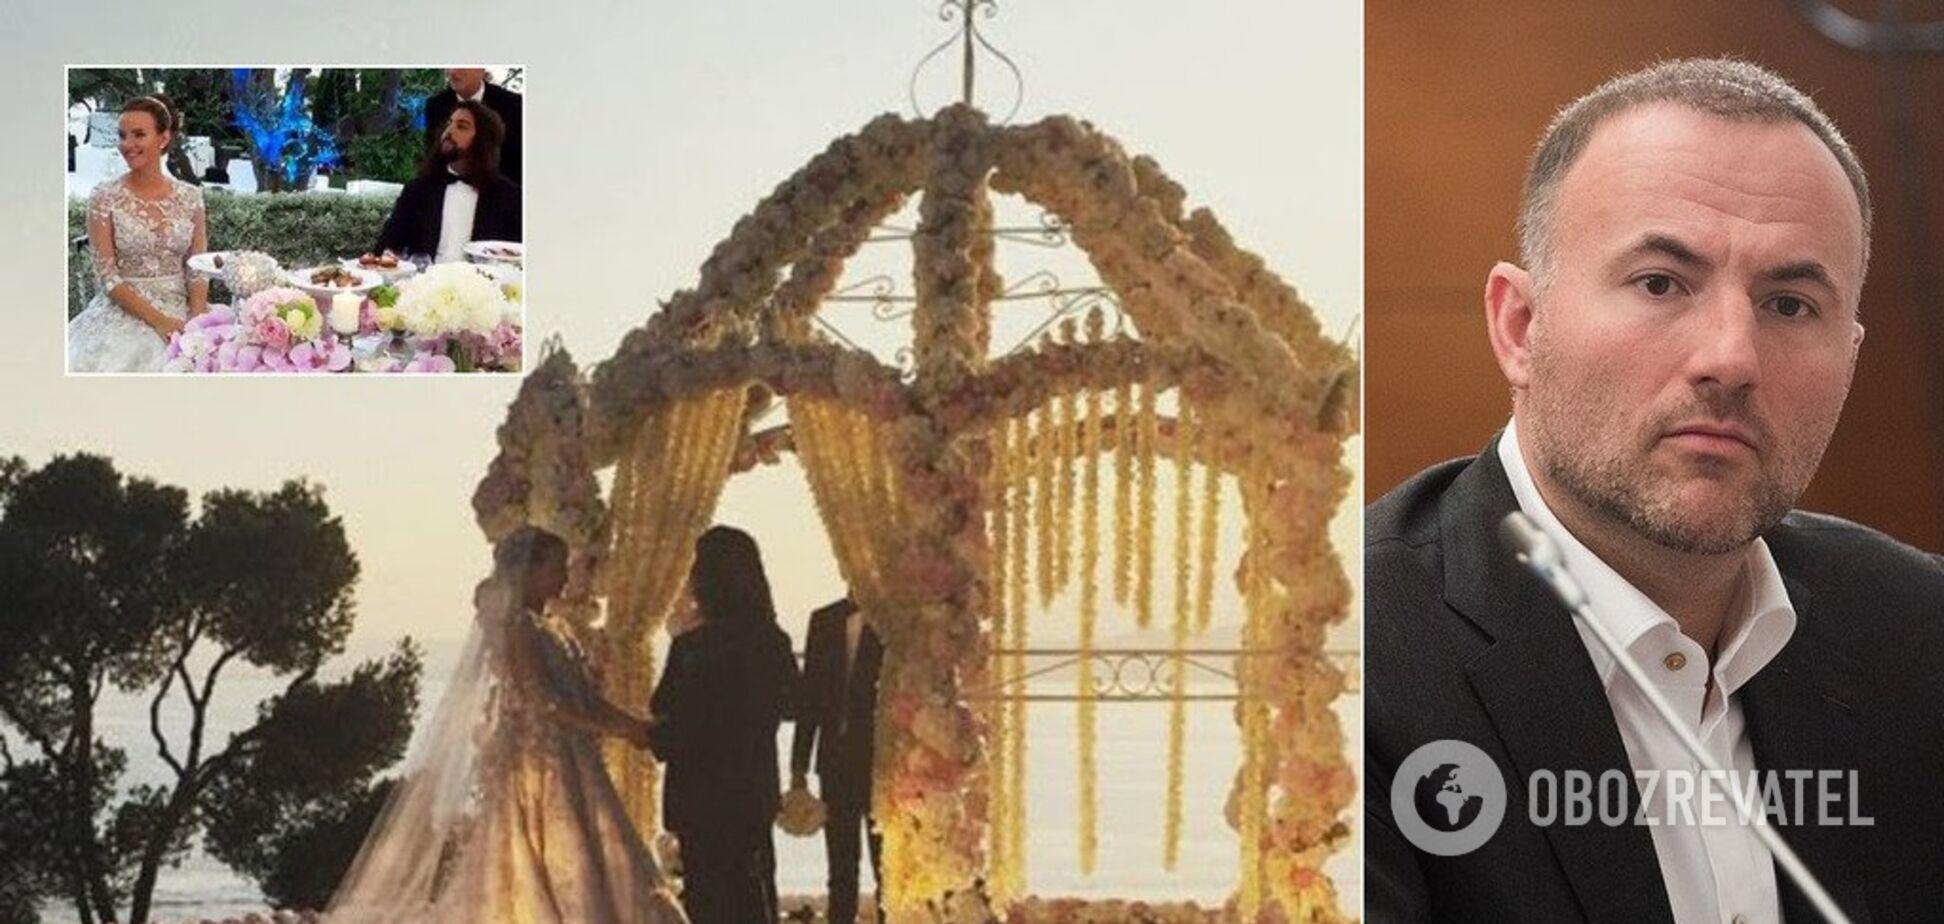 Розлучення з ІДІЛ: 'нафтовий' шлюб дочки Фукса став нерентабельним